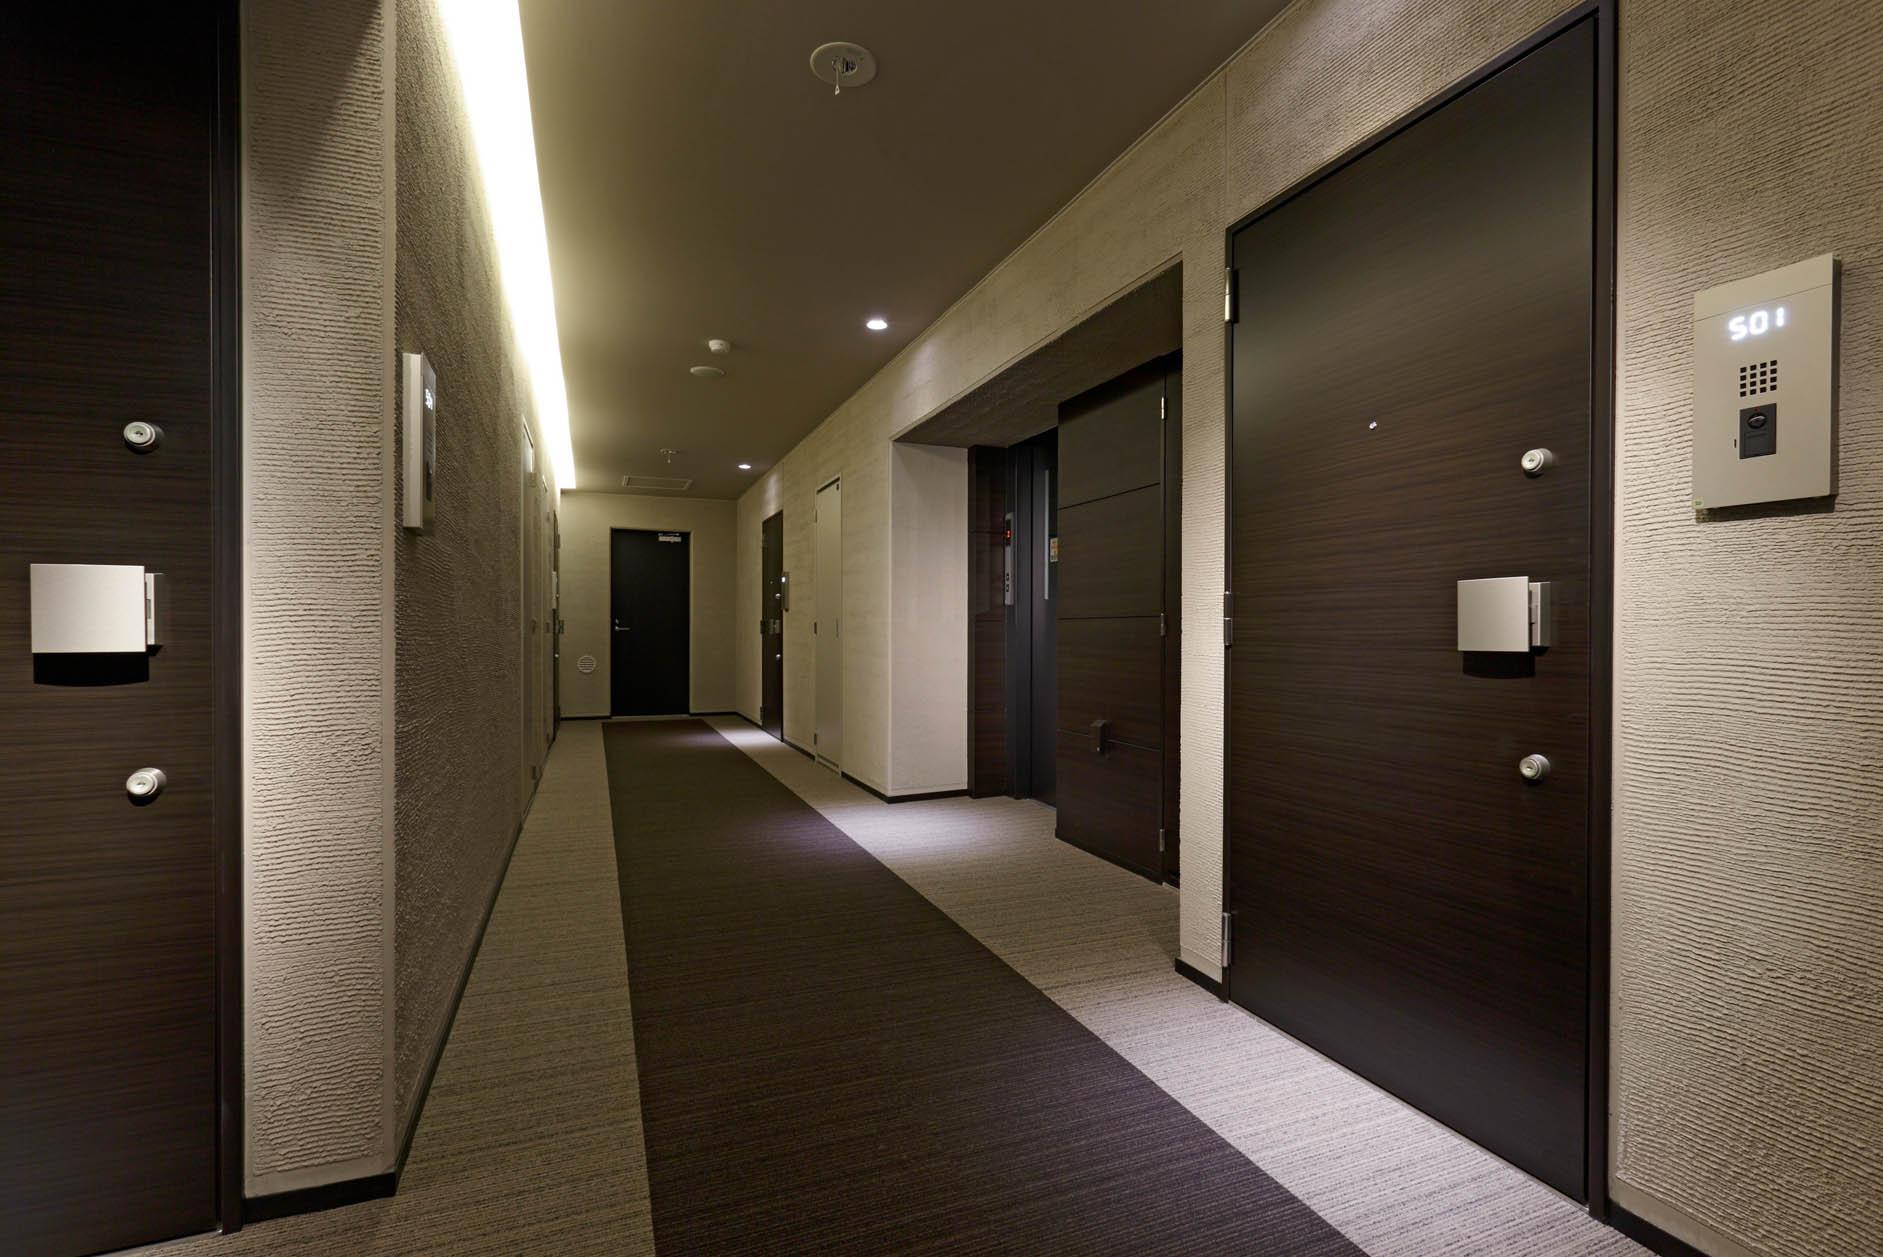 間接照明が印象的な、カーペット敷きの内廊下設計を採用しました。外部からの視線を遮り、各住戸の独立性を配慮した設計です。 イメージ